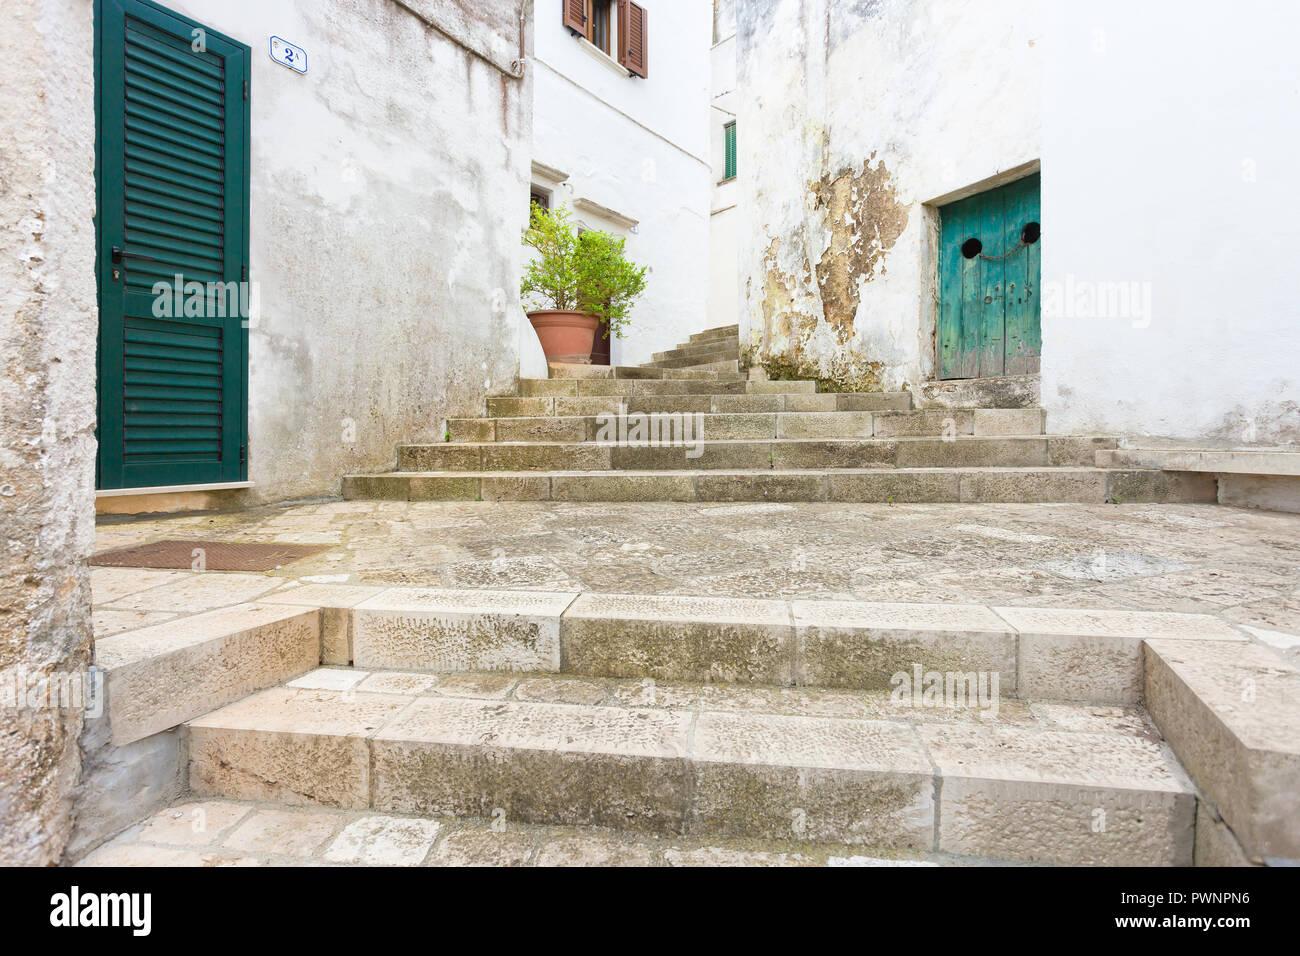 Specchia, Apulien, Italien -, zu einem historischen Treppenhaus in der Altstadt von Specchia Stockfoto